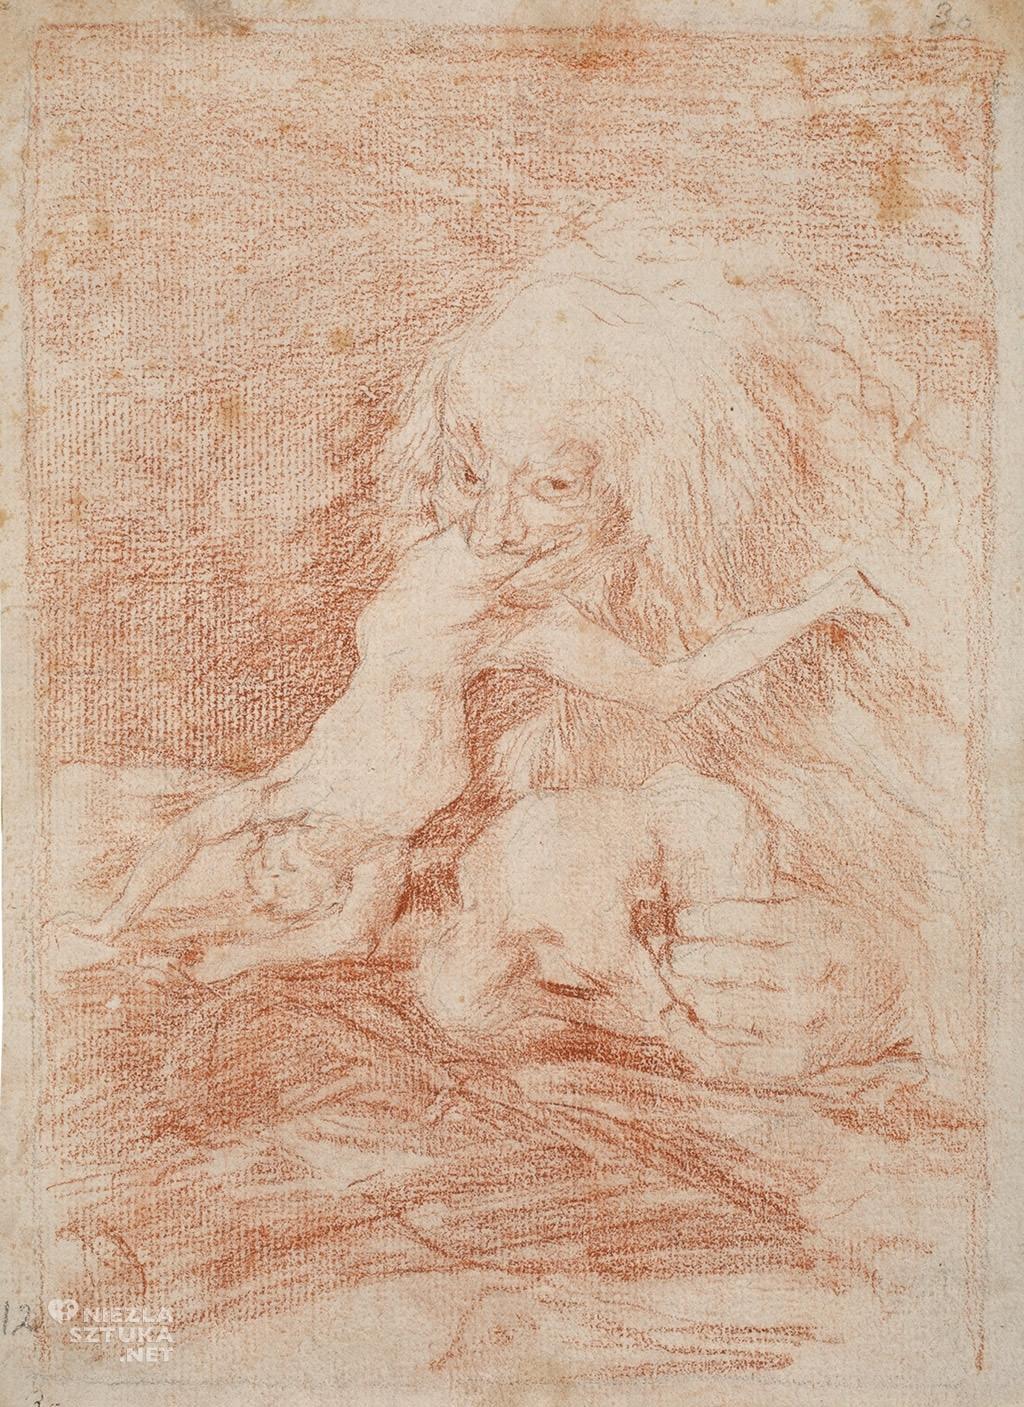 Francisco Goya, Saturn pożerający własne dzieci, 1797-1798, Museo del Prado, Madryt, Niezła sztuka